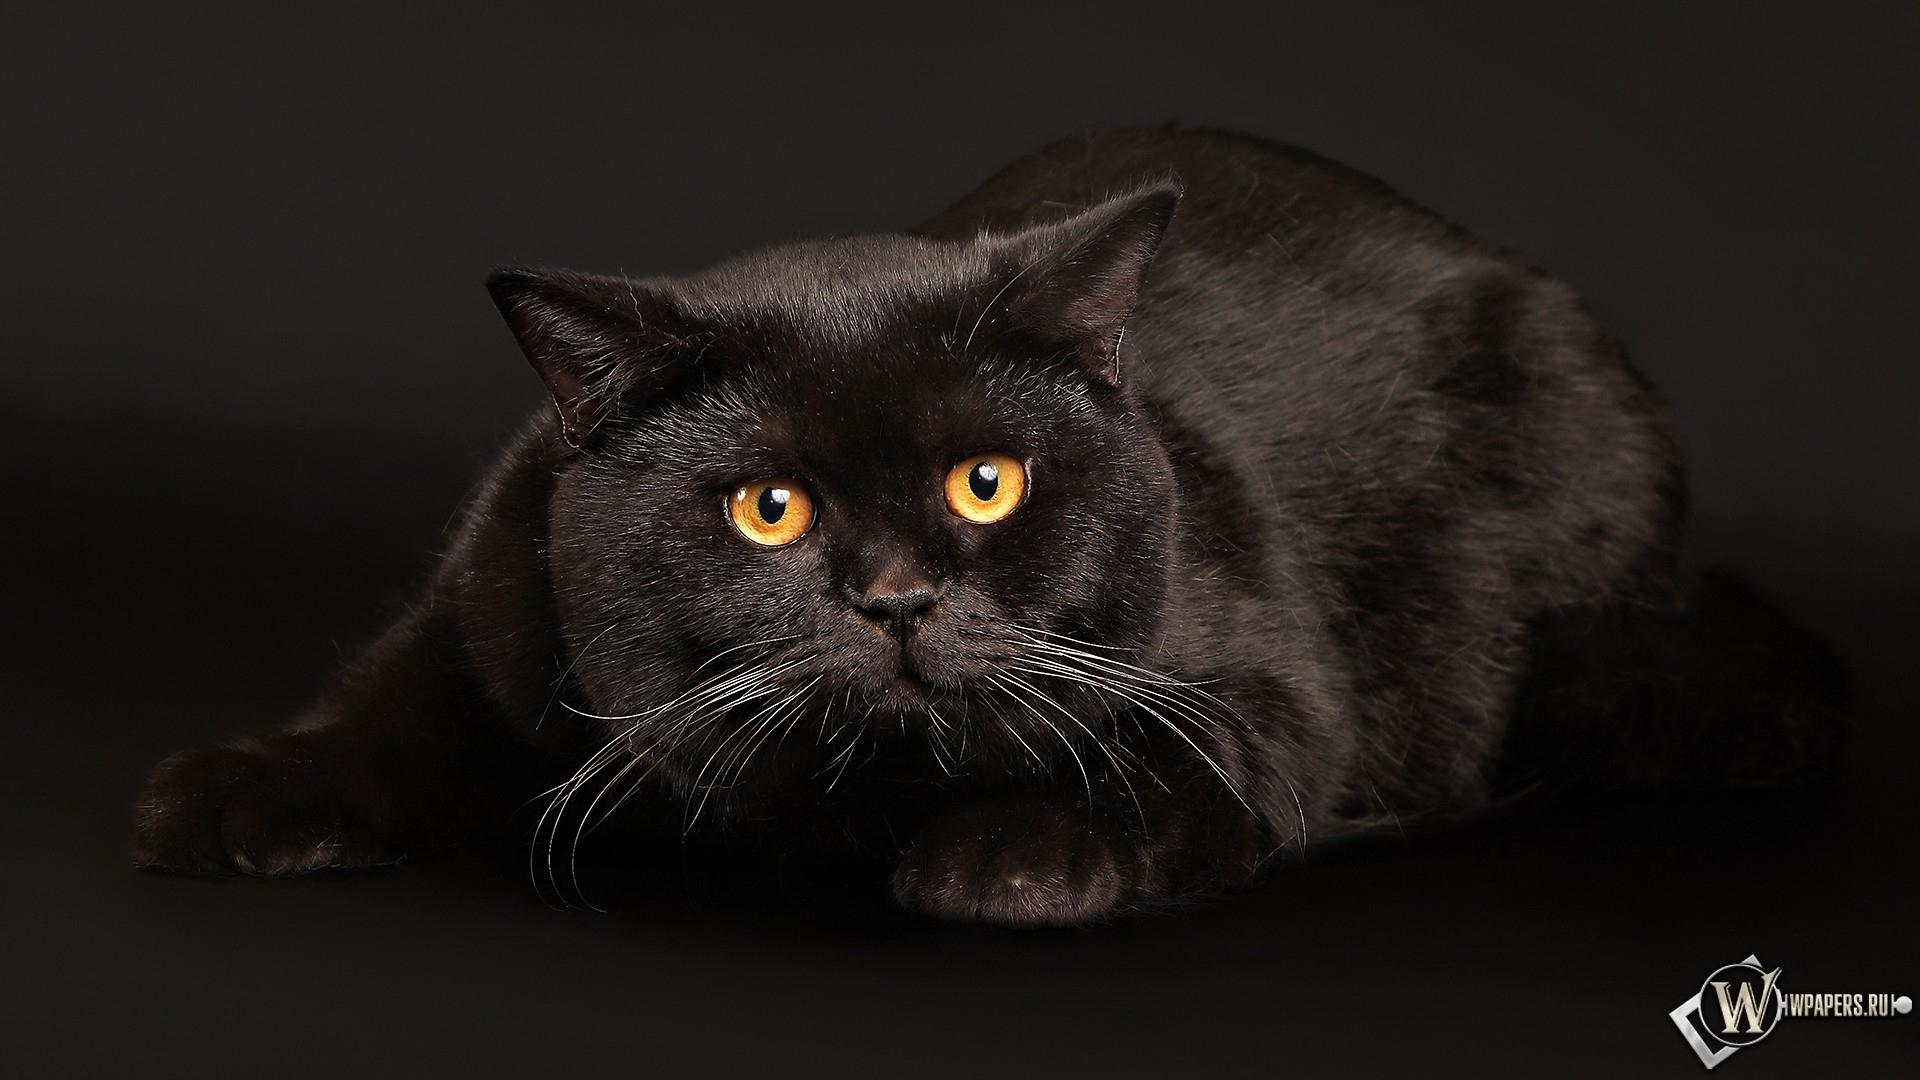 Черный кот играет 1920x1080